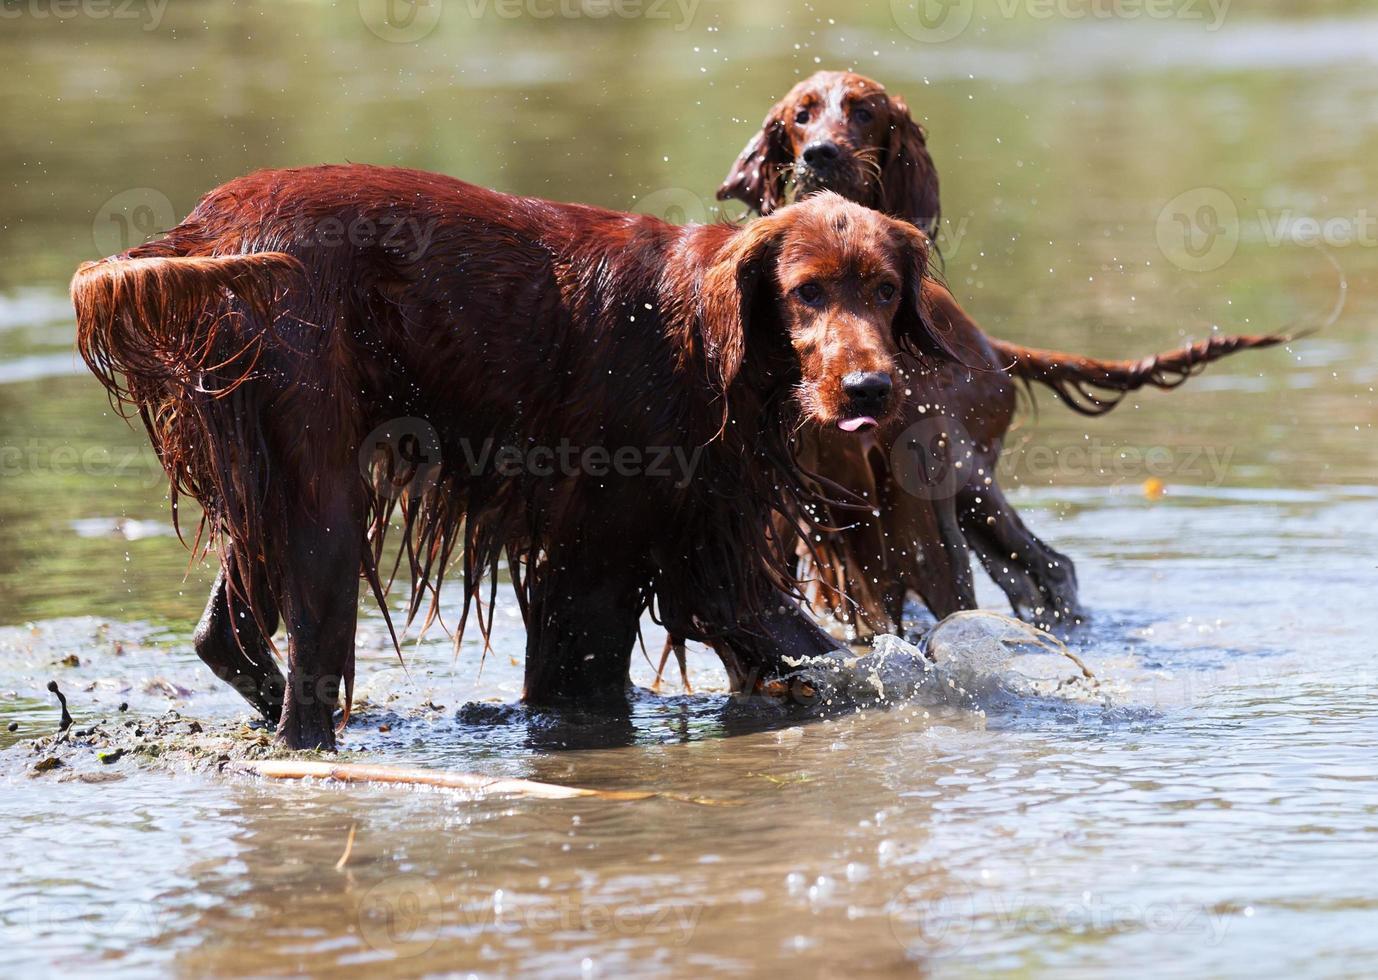 Deux colons irlandais rouges debout dans l'eau photo